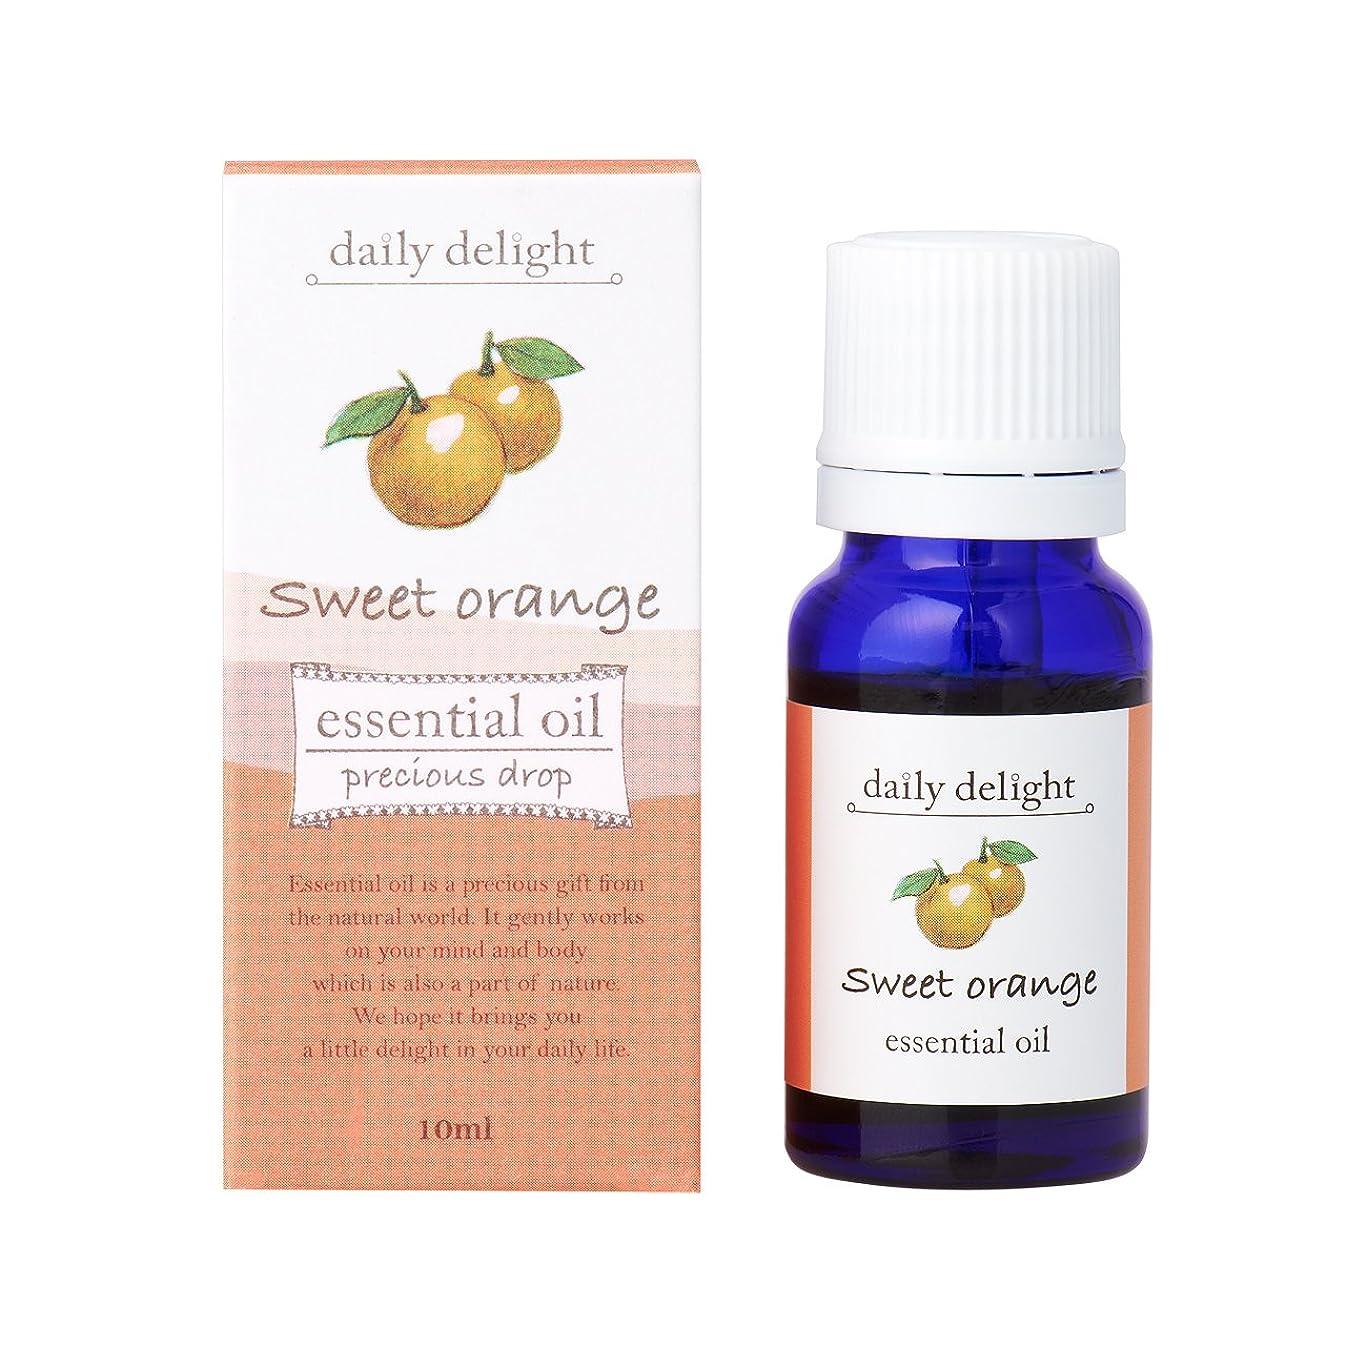 集中的な安全危機デイリーディライト エッセンシャルオイル  スイートオレンジ 10ml(天然100% 精油 アロマ 柑橘系 フルーティで甘く爽やかな香り)